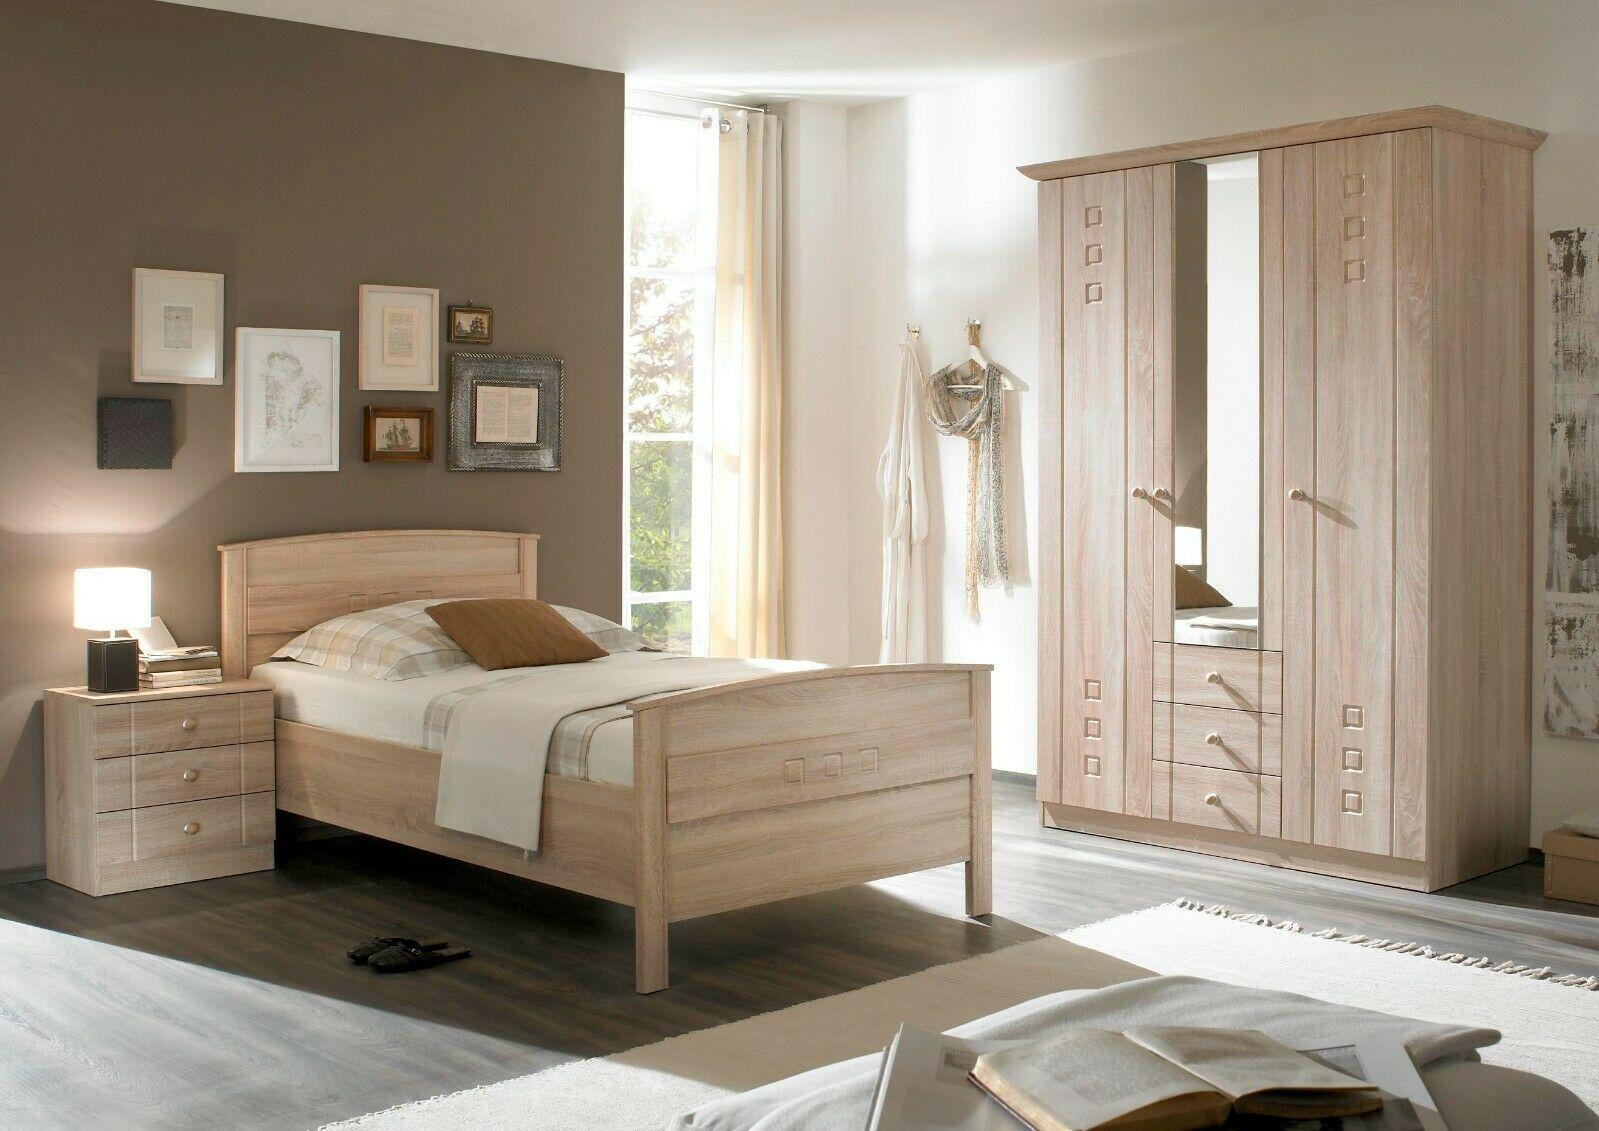 Schlafzimmer Komplettset Sonoma Eiche Seniorenzimmer Schrank Bett Nachttisch